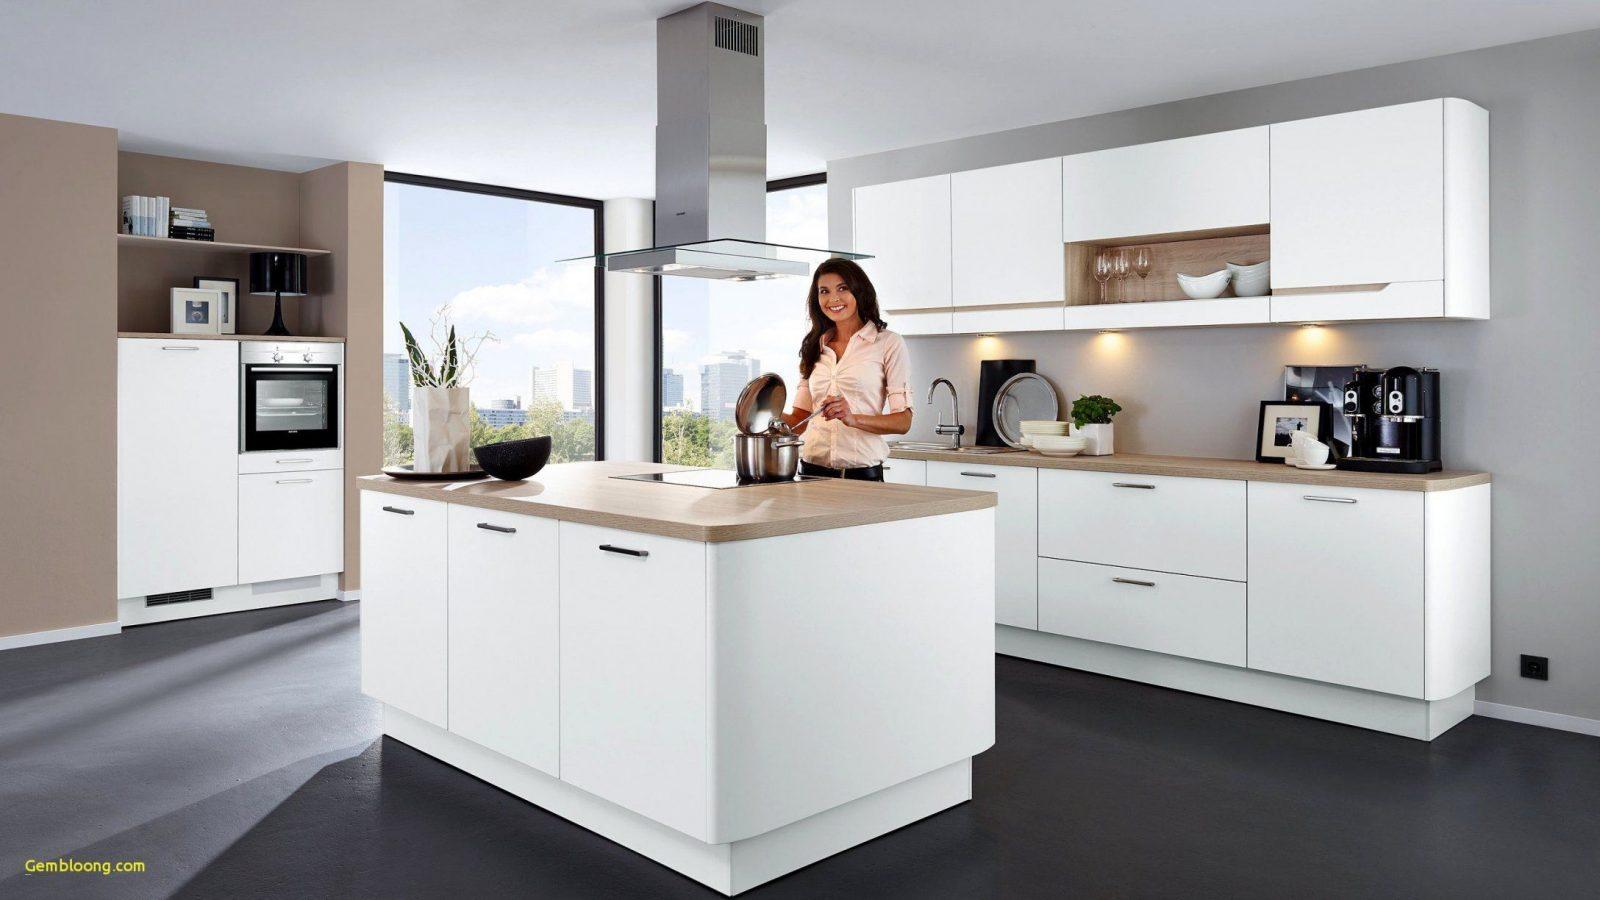 Küche Mit Kochinsel Modern Luxus 40 Zeilen Küche Küchen Design von Luxus Küche Mit Kochinsel Photo